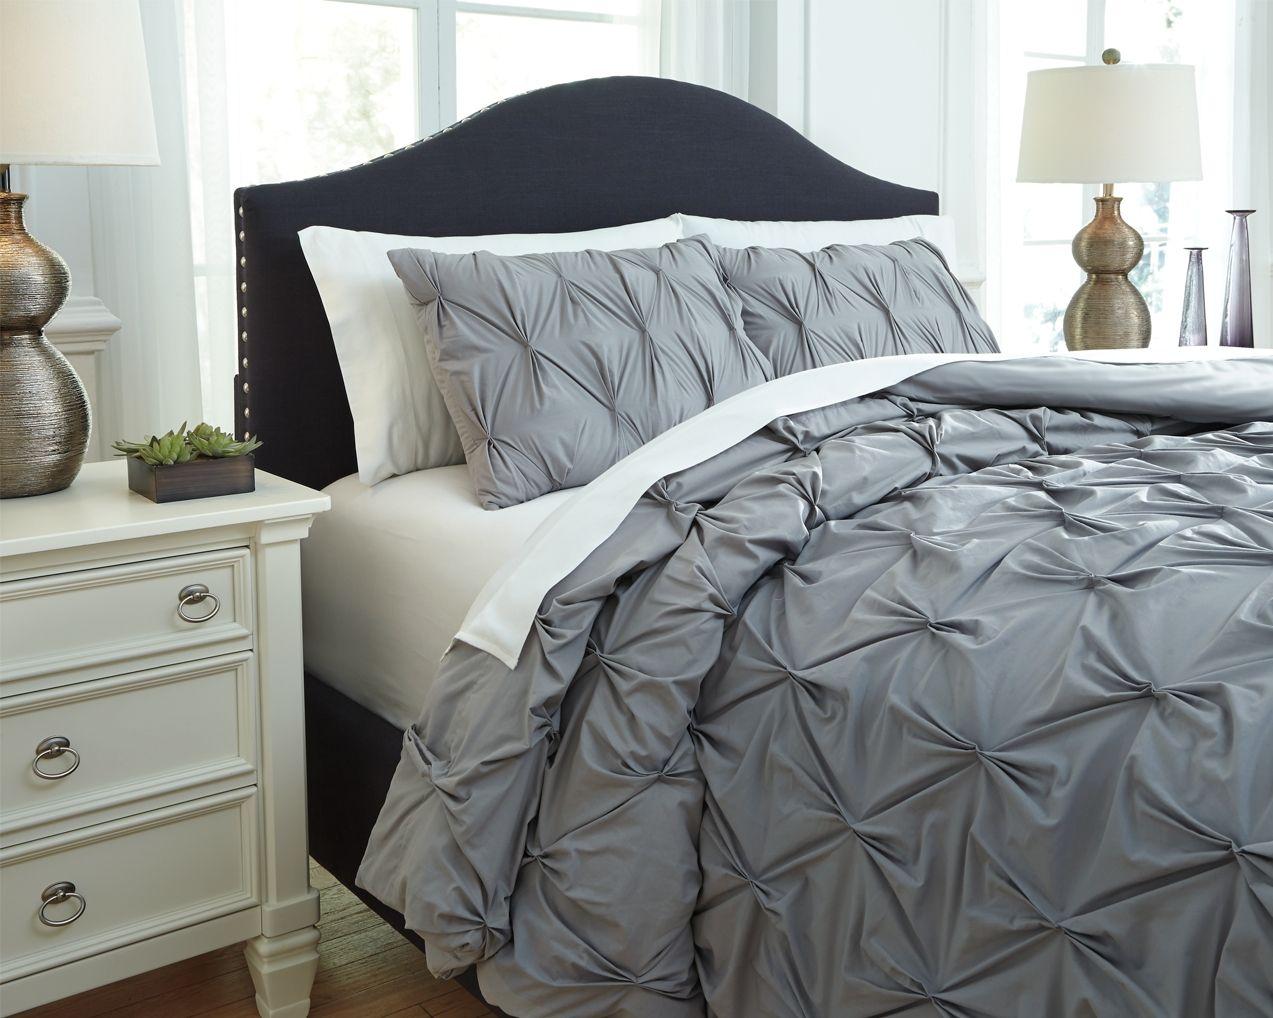 Rimy 3 Piece Queen Comforter Set Gray Comforter Sets King Comforter Sets Grey Comforter Bedroom